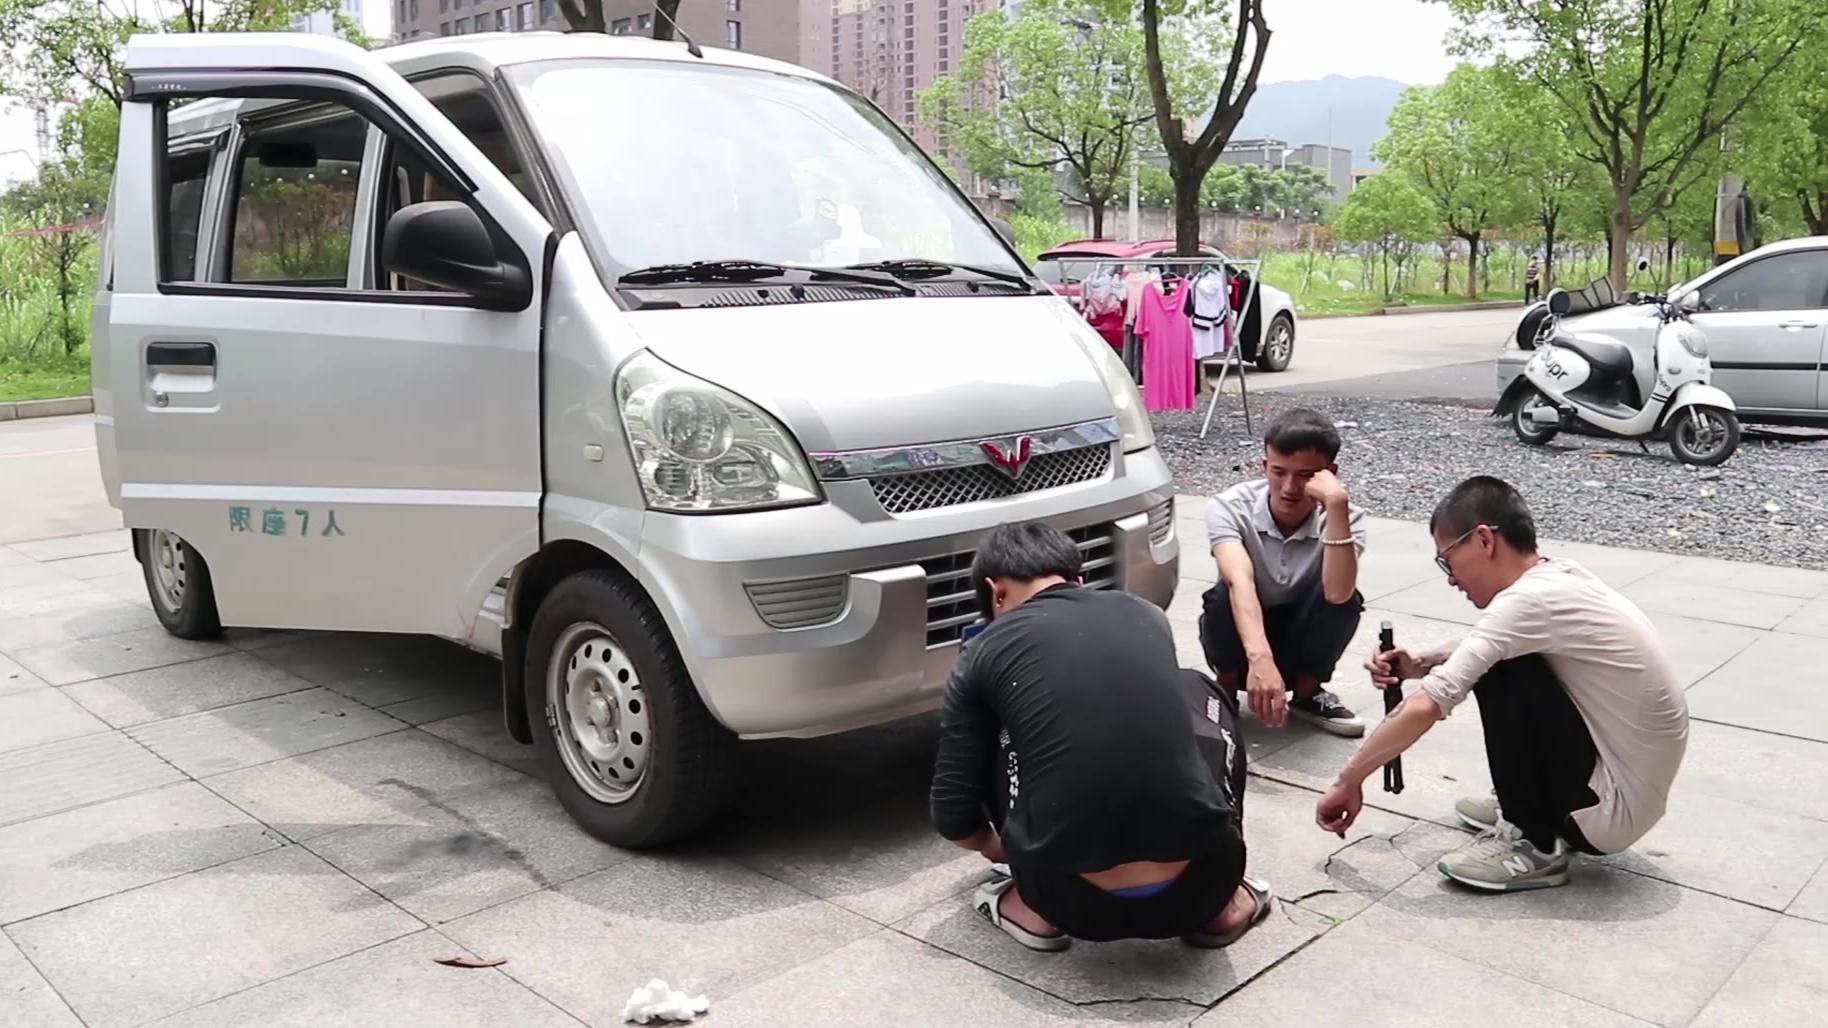 自驾西藏床车改装,花955元检修保养二手五菱,出入安全第一